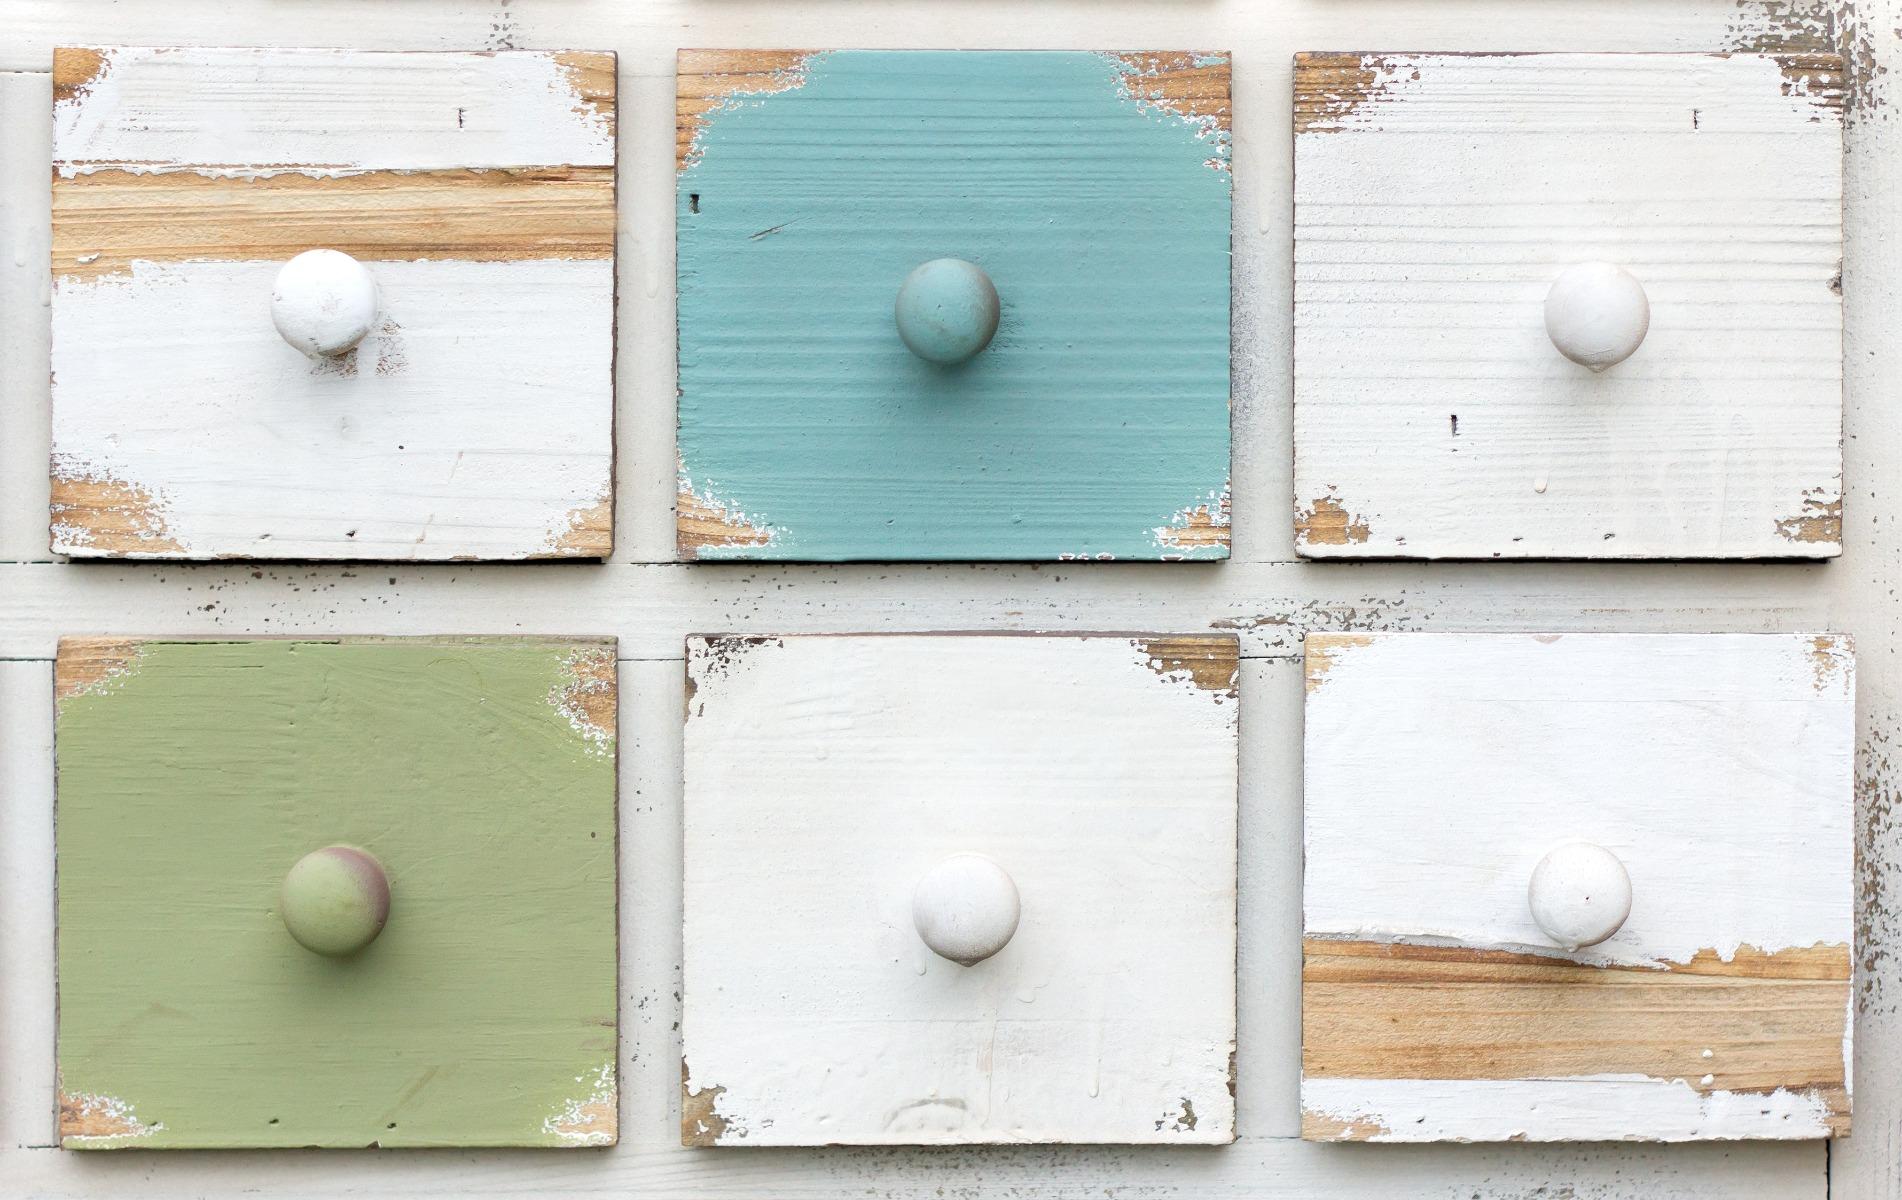 Das Bild zeigt Schubladen eines Holzmöbels im Shabby Chic Stil.